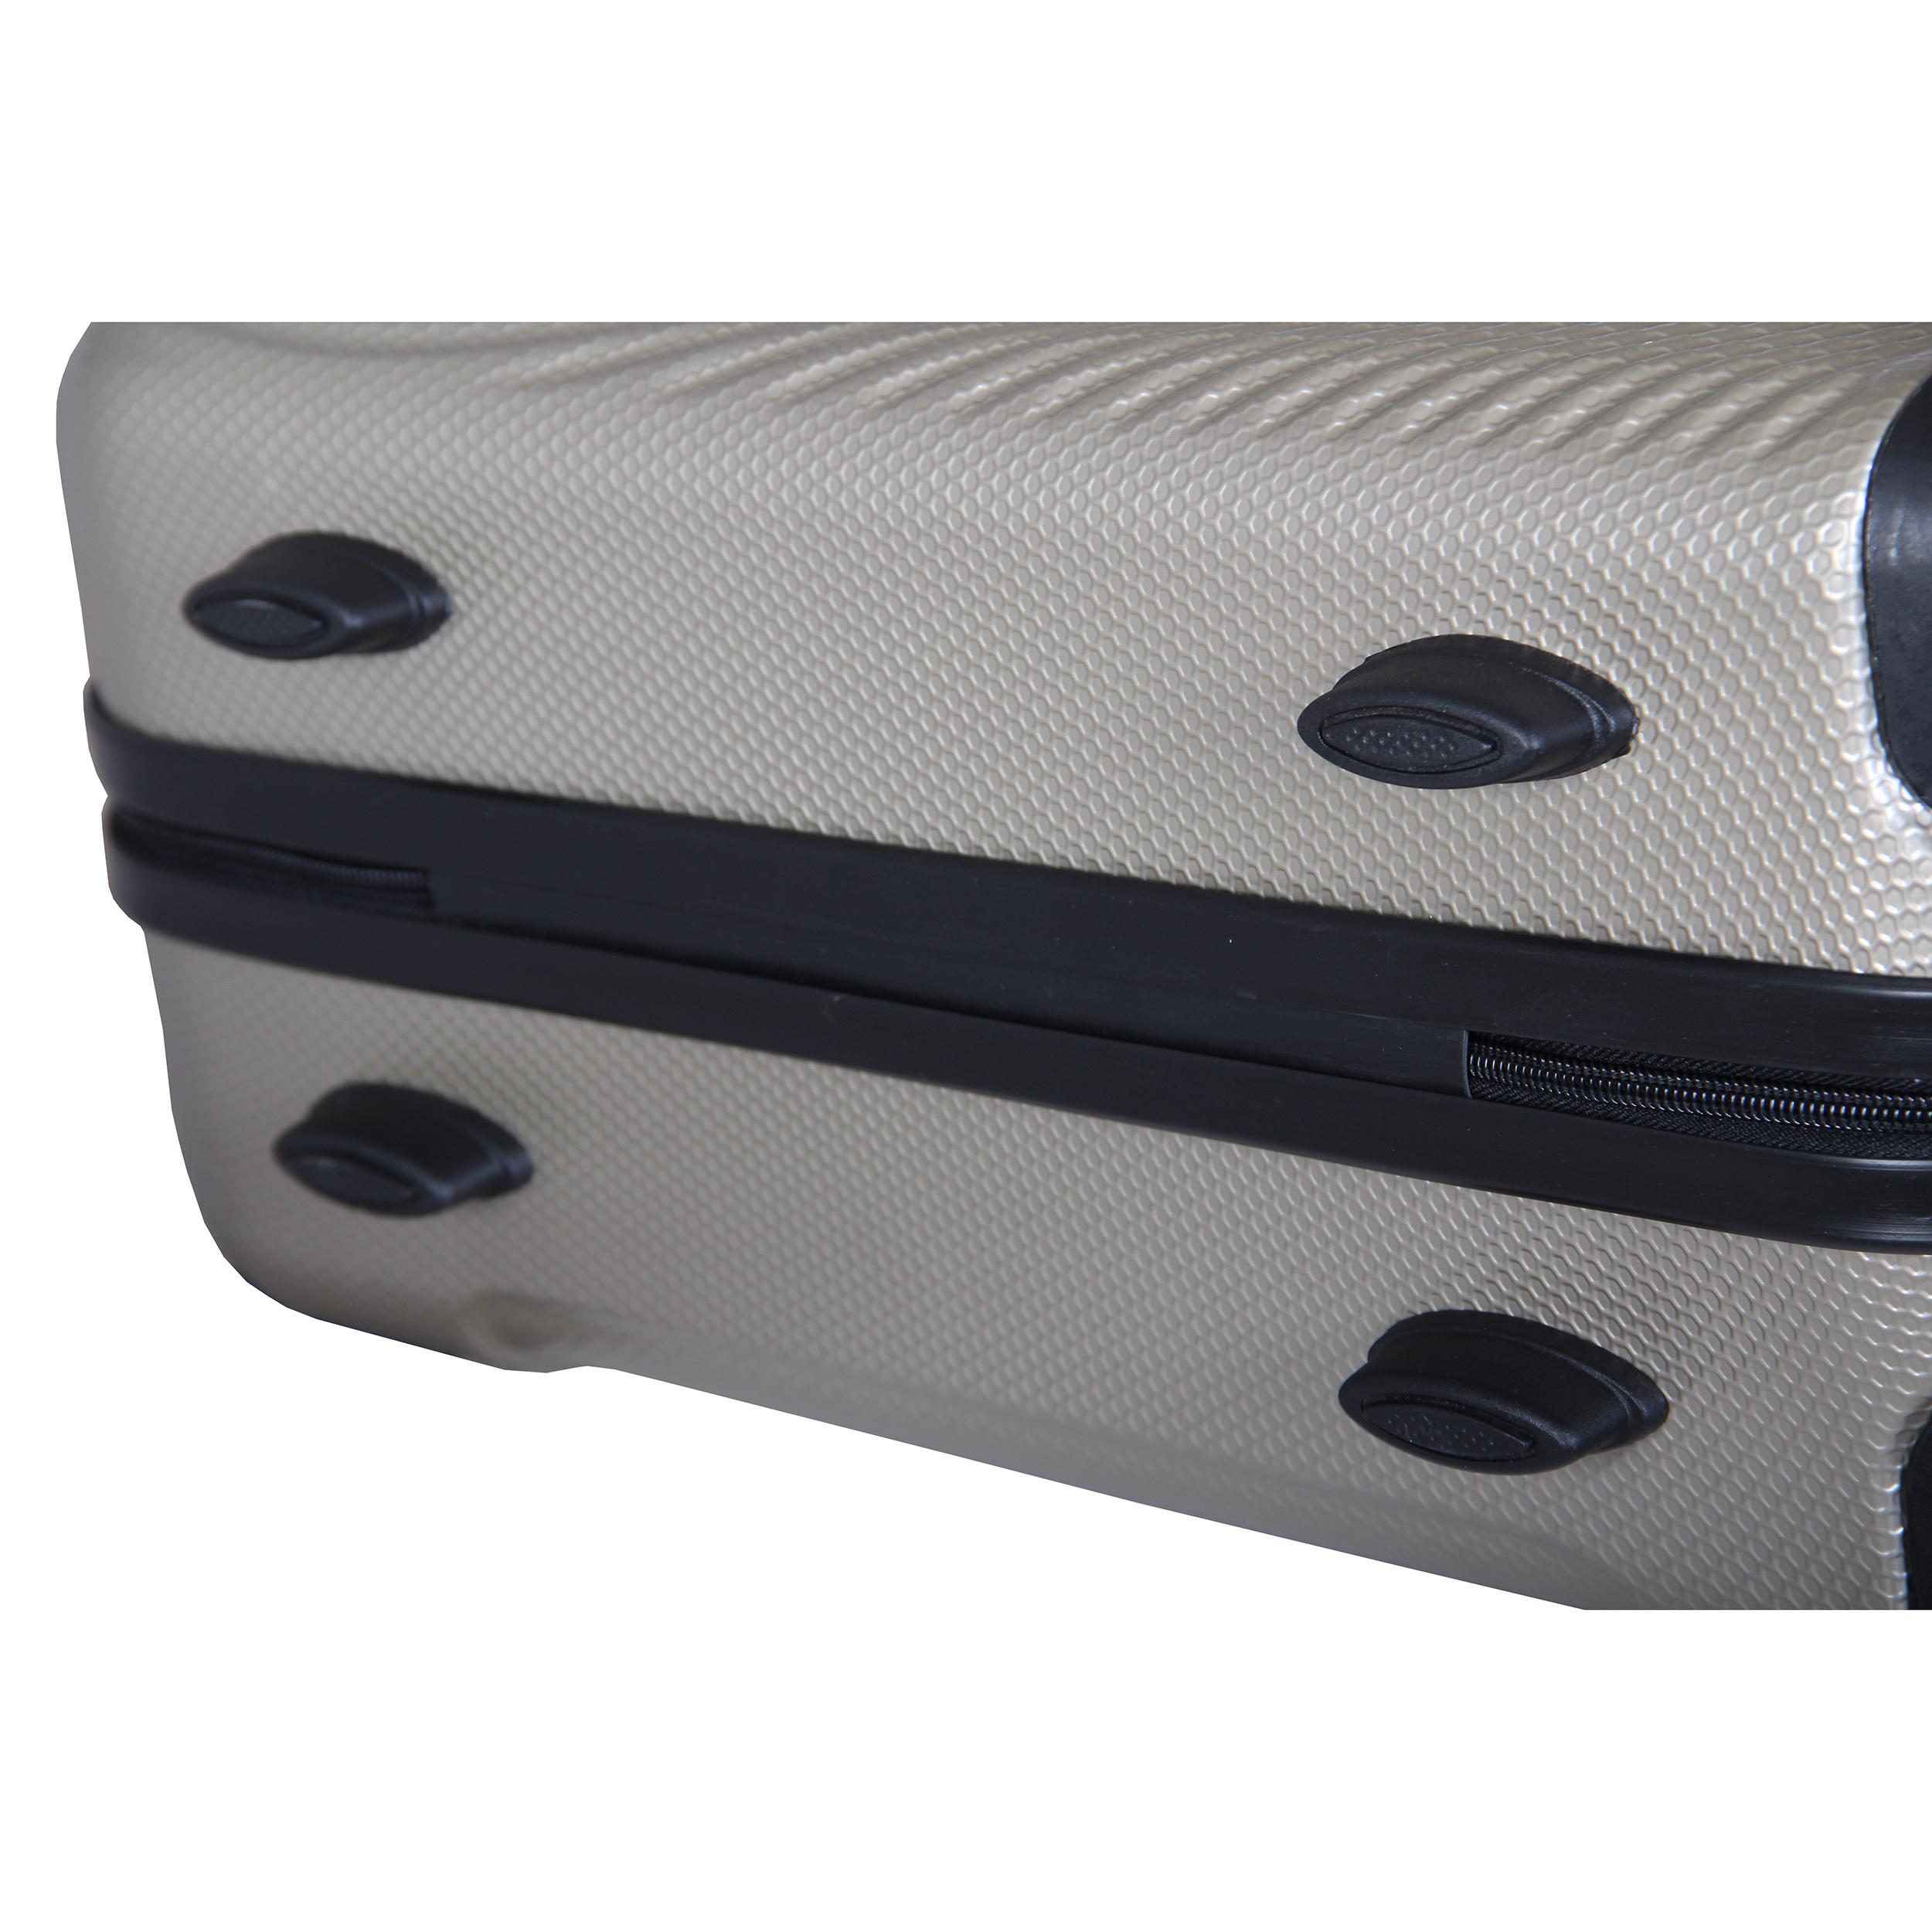 مجموعه چهار عددی چمدان اسپرت من مدل NS001 main 1 21